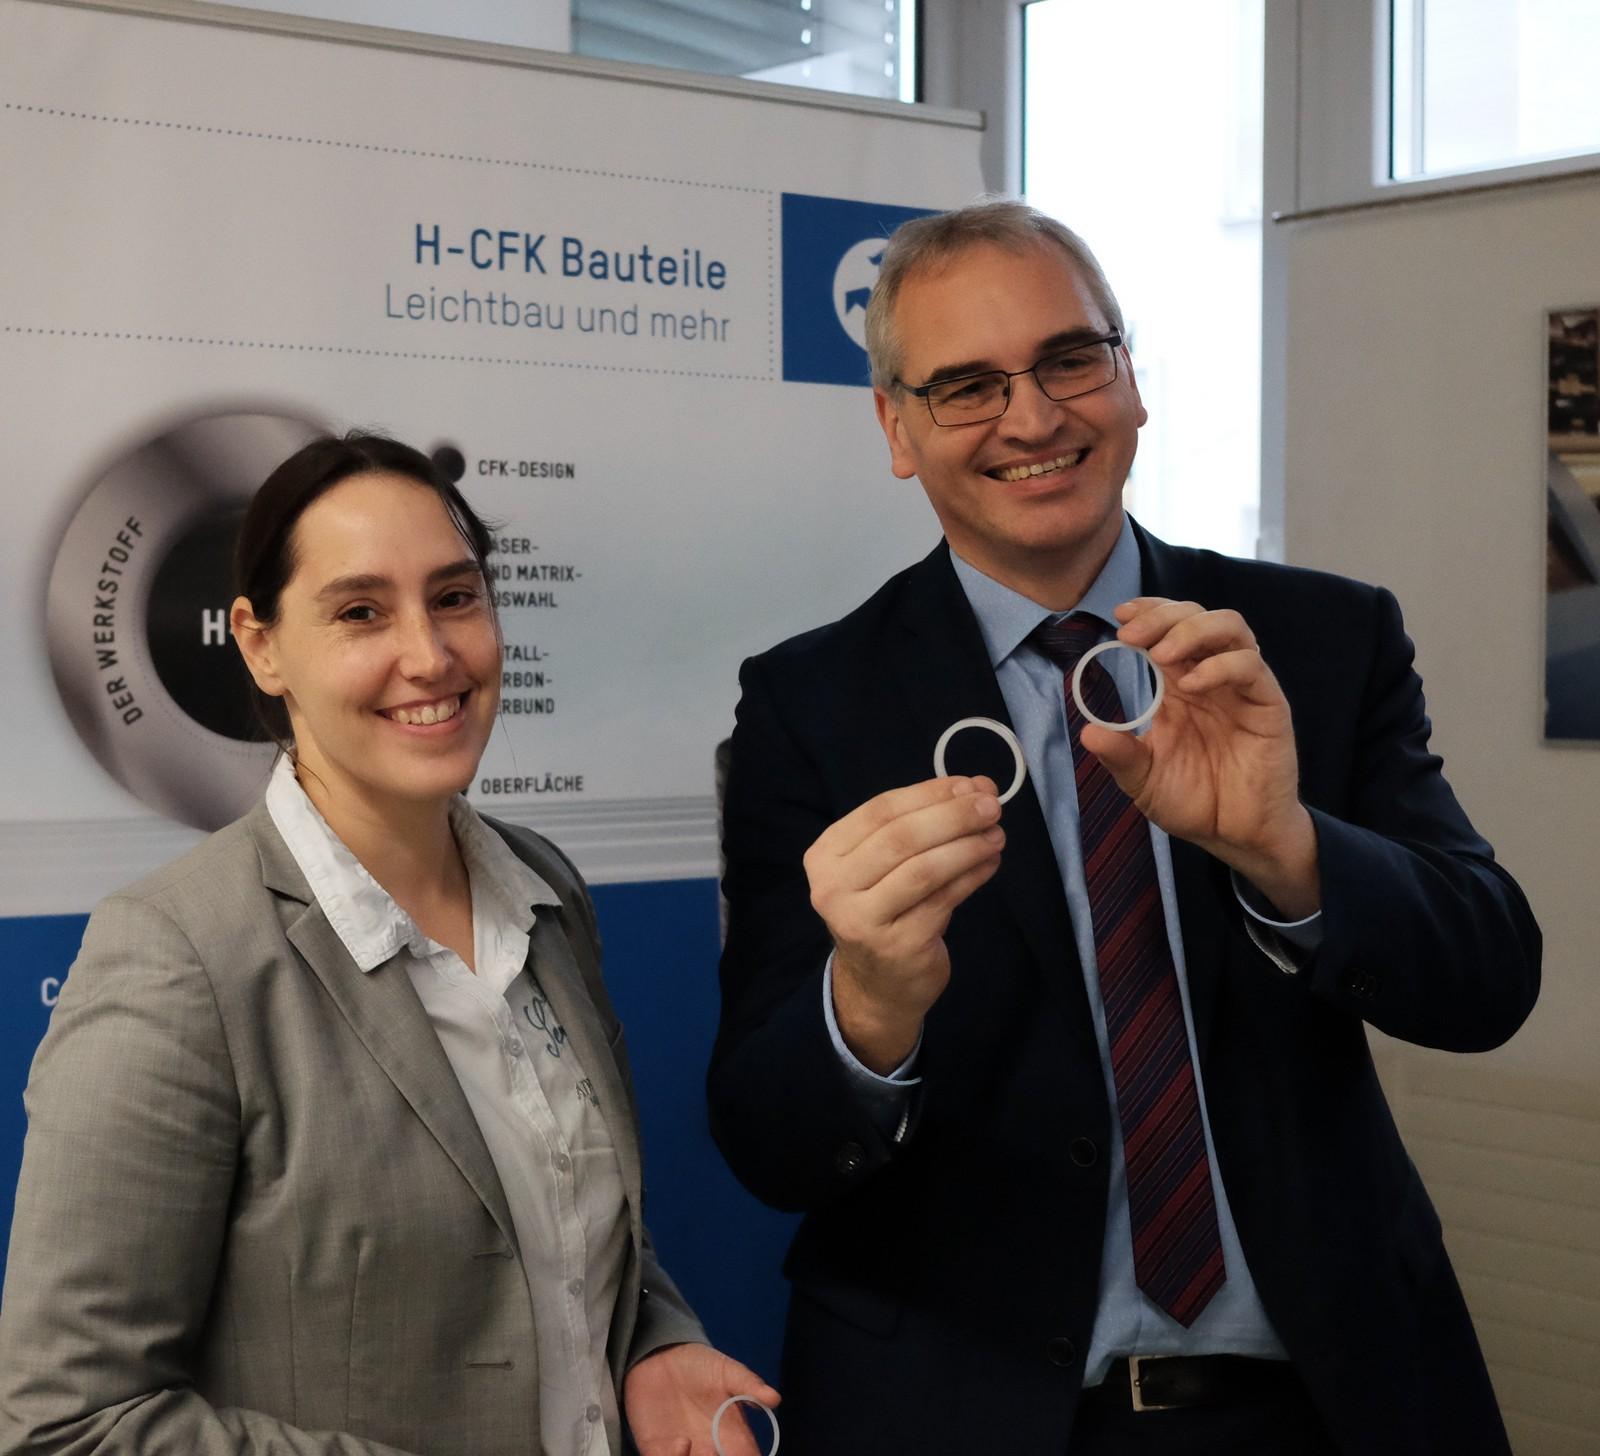 Tanja Hänchen und Klaus Wagner halten eine Revolution in der Hydraulikzylinder-Dichtungstechnik in Händen.